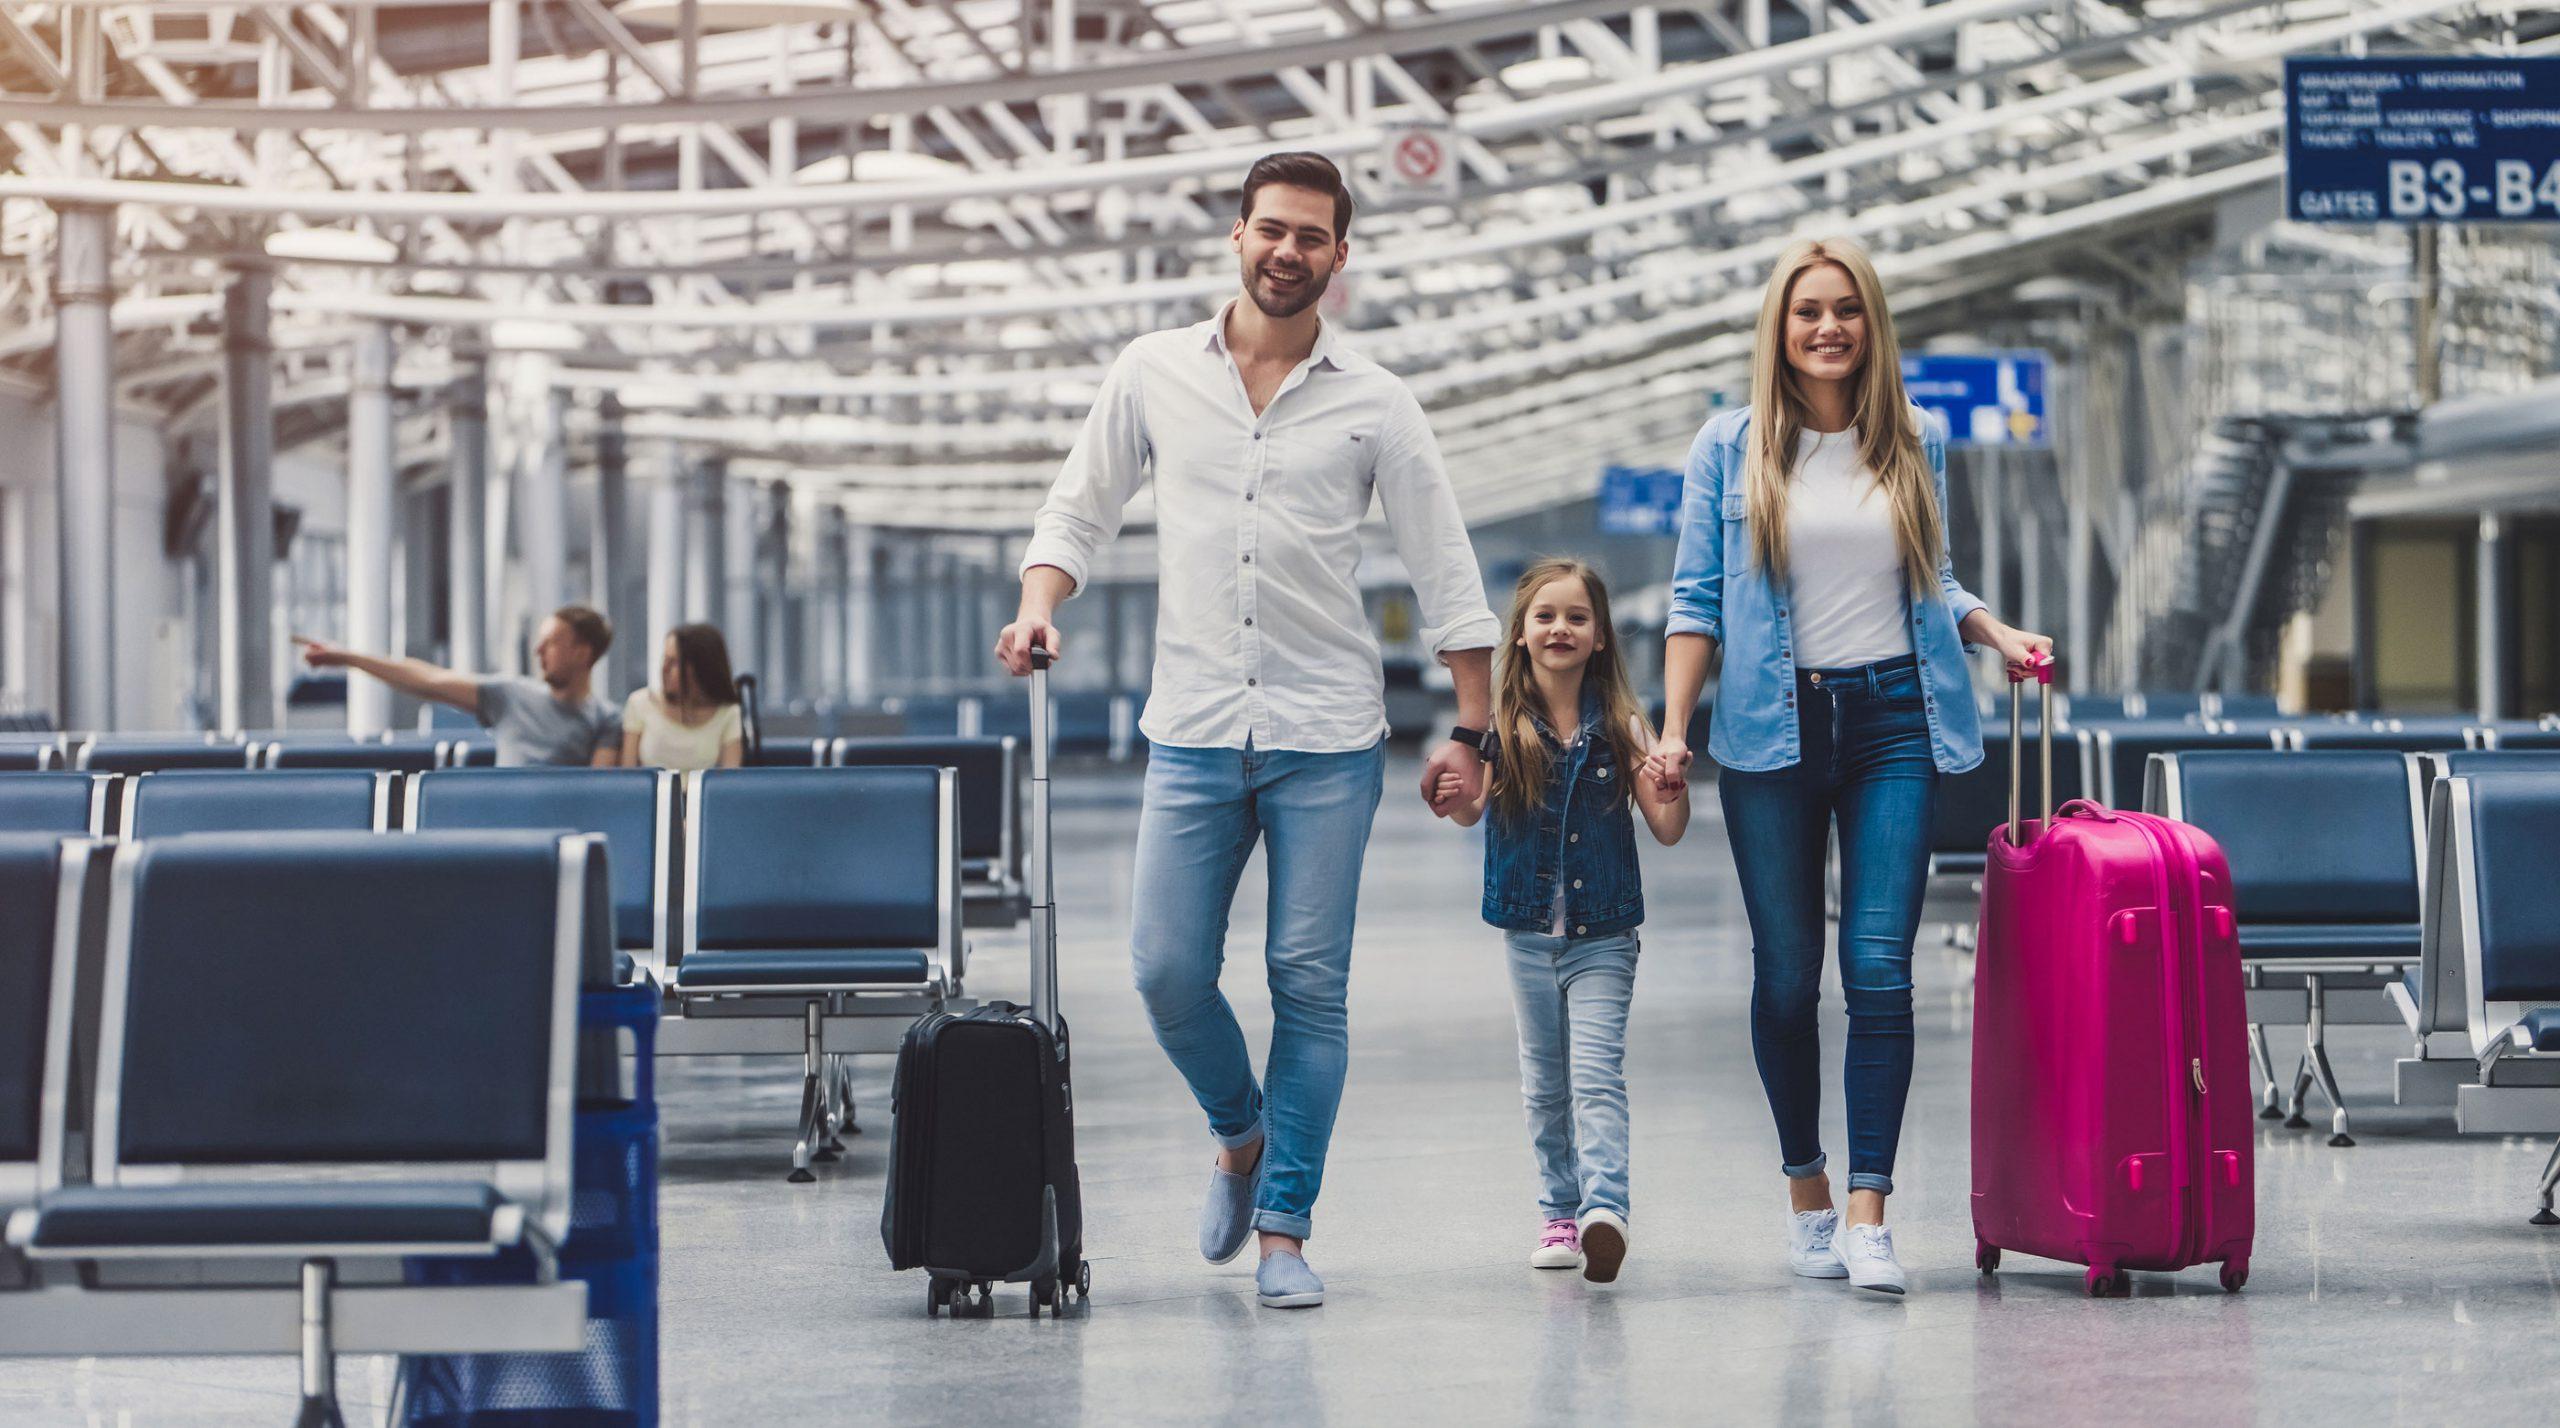 oppforsel flyplass USA sikkerhetskontroll tips hvordan vaere